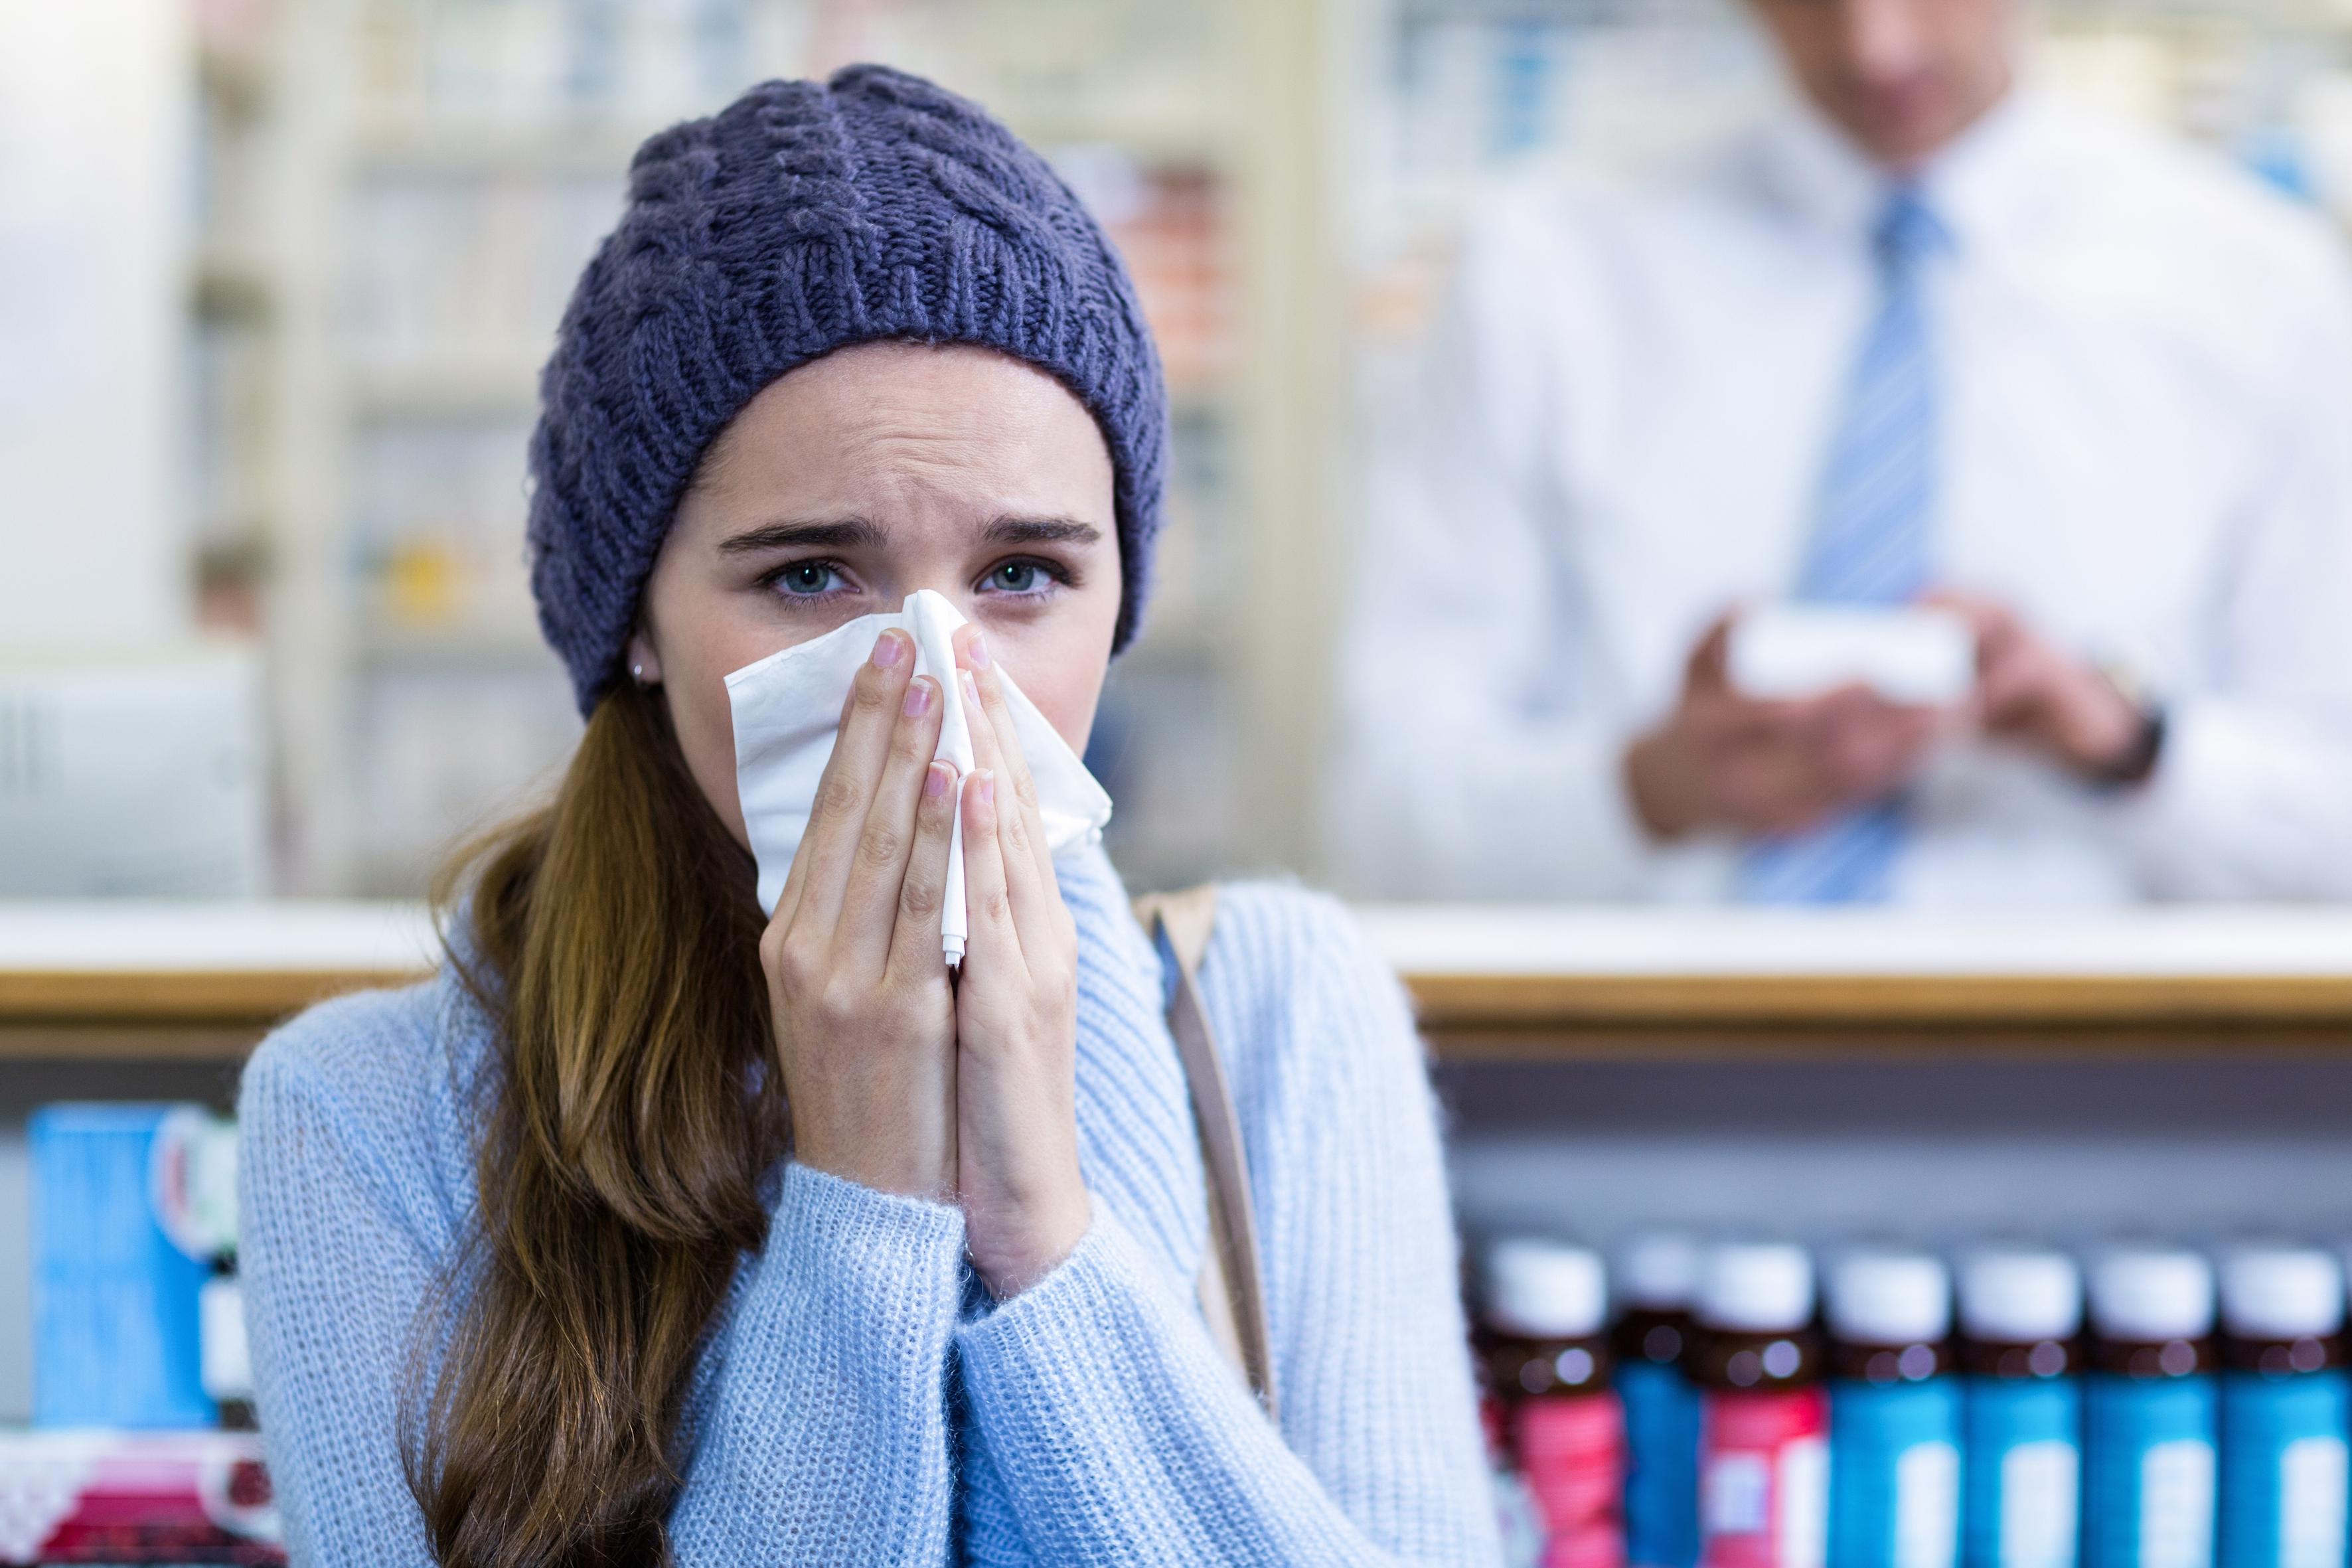 Voorkom verkoudheid met deze 4 tips!